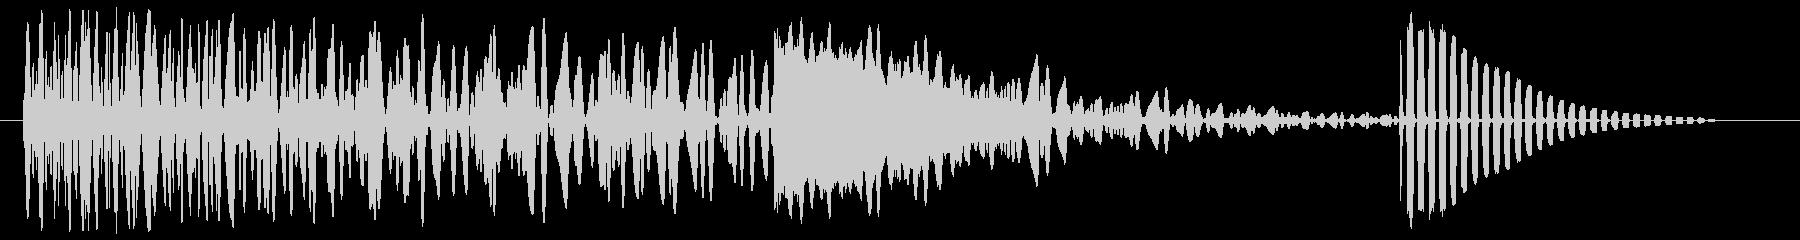 コミカル爆発(セット)の未再生の波形